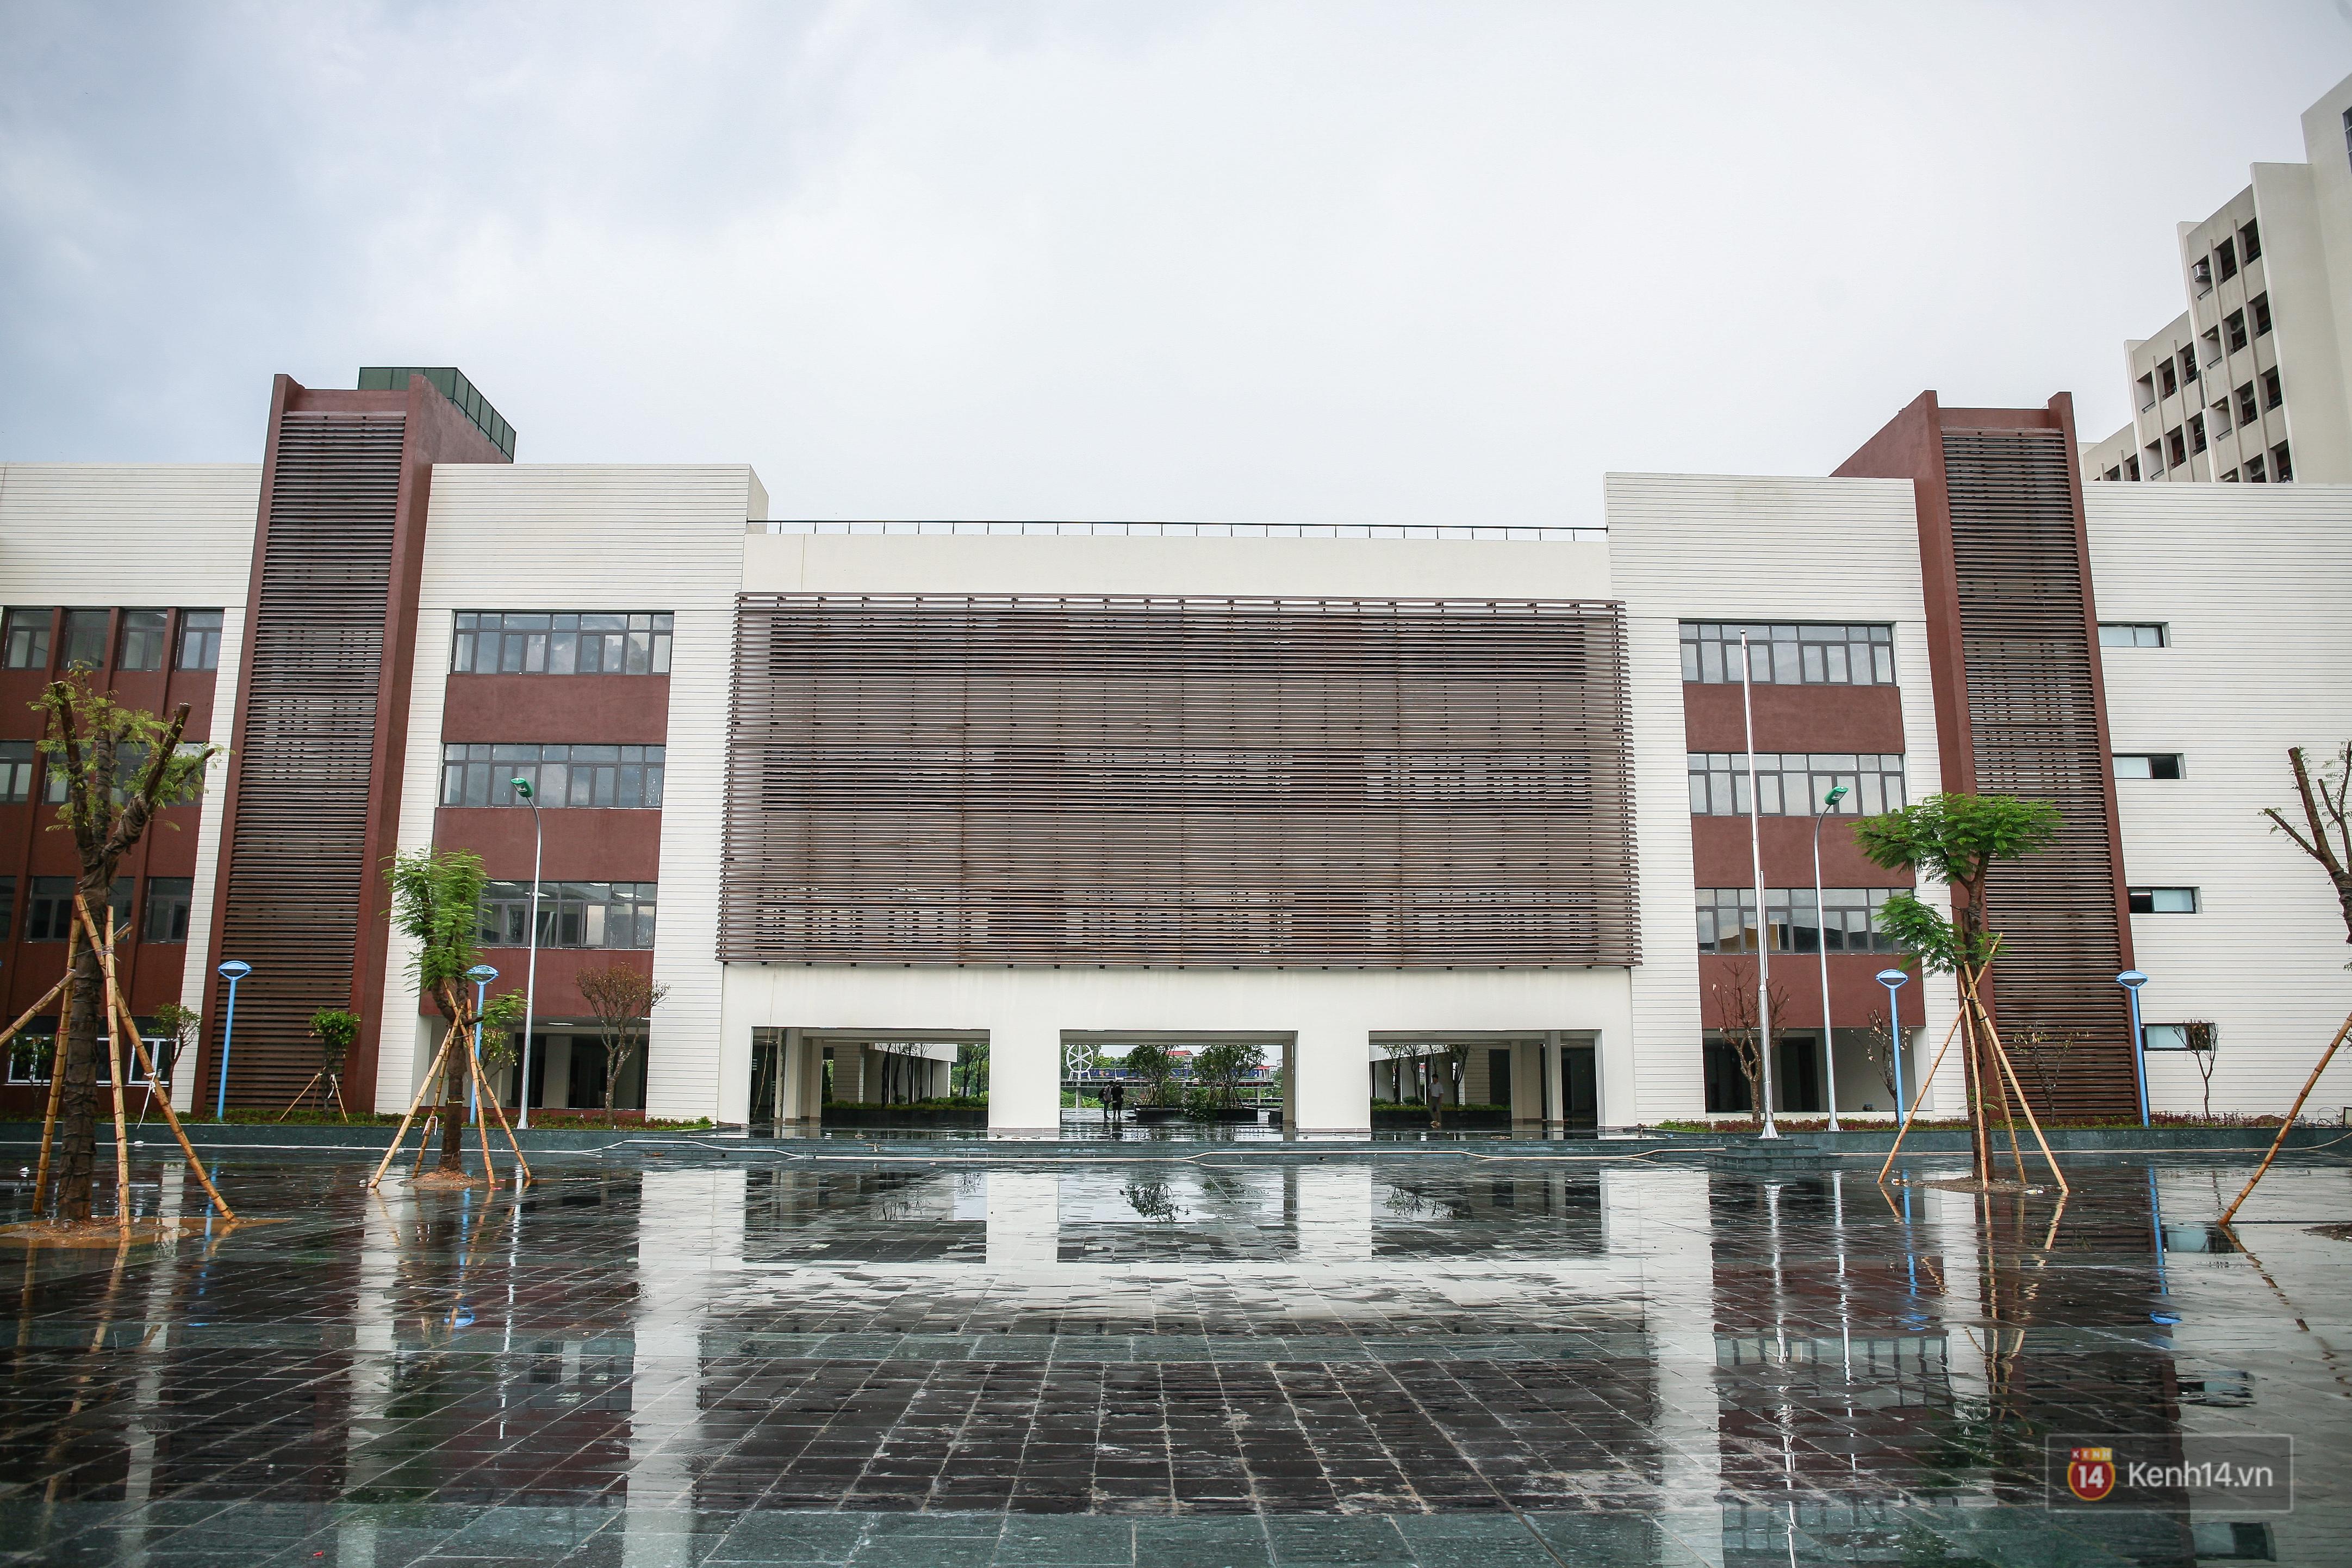 Cận cảnh ngôi trường chuyên 600 tỉ của Bắc Ninh: Đẹp, sang và Tây hết nấc! - Ảnh 5.